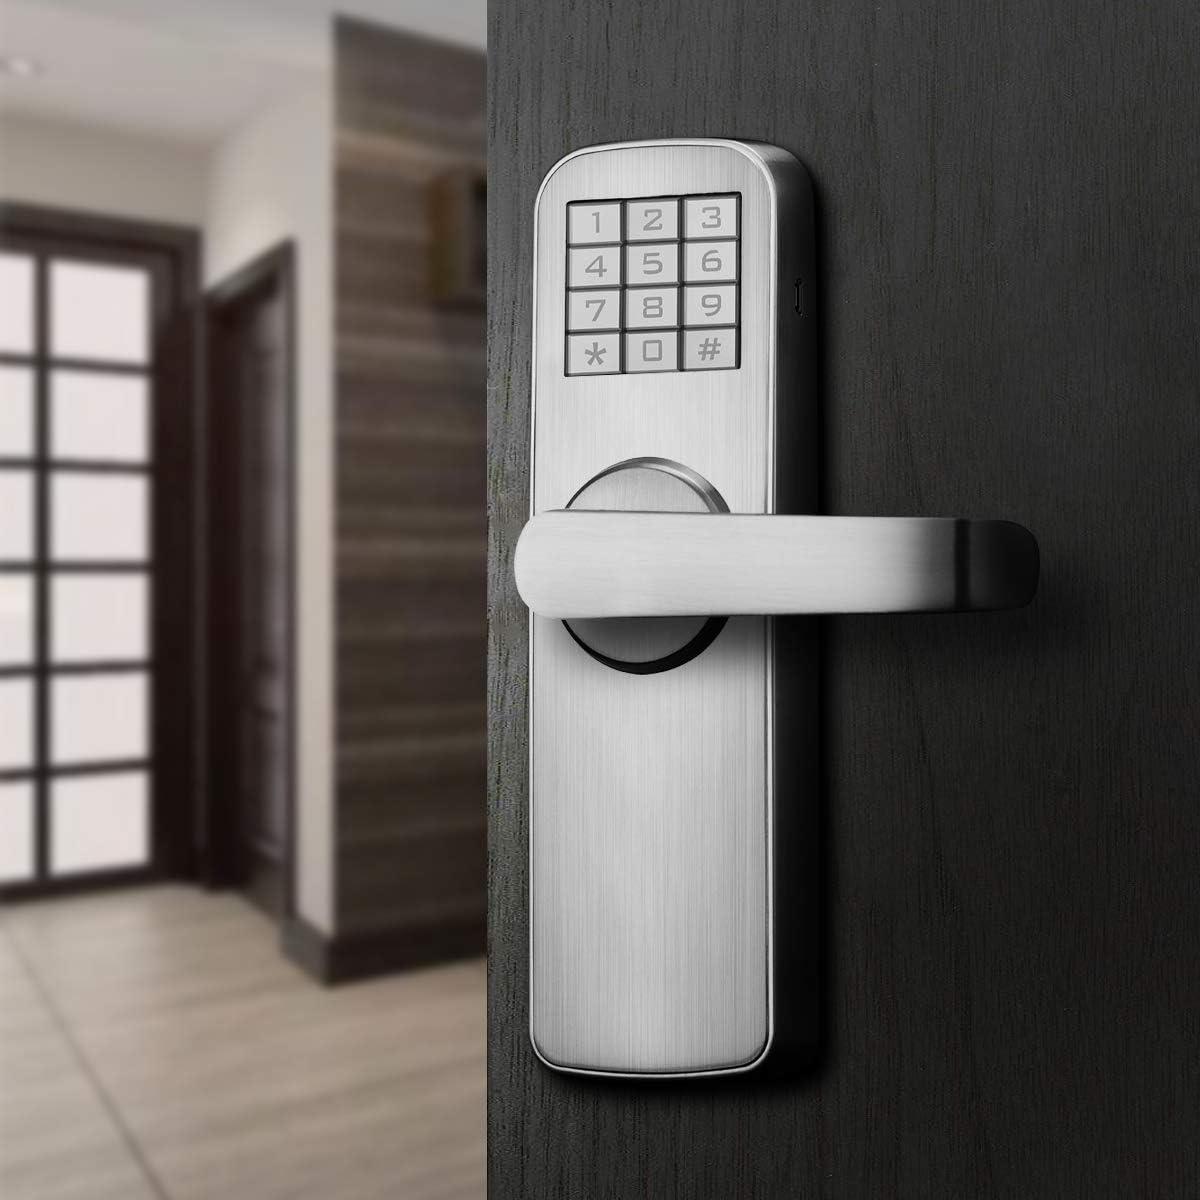 Cerradura Electrónica Inteligente, Teclado Numérico ...